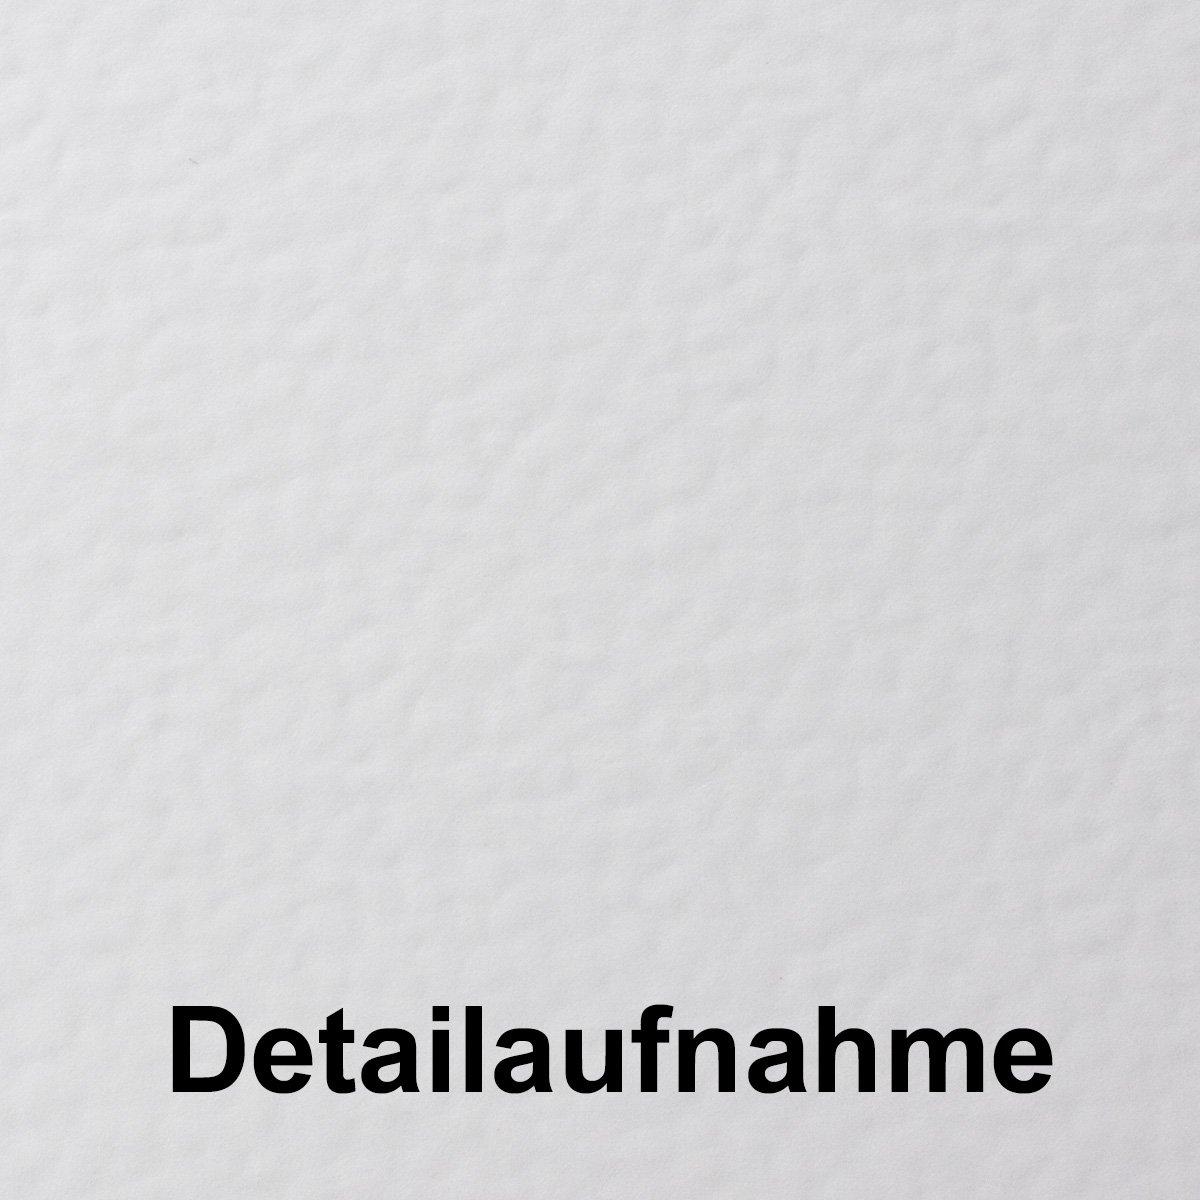 99 x 210 mm f/ür Drucker geeignet Ideal f/ür Gru/ßkarten und Einladungen 250 St/ück Einzelkarten DIN Lang Matt 250 g//m/² Gustav NEUSER sehr formstabil Hochwei/ß -Premium QUALIT/ÄT